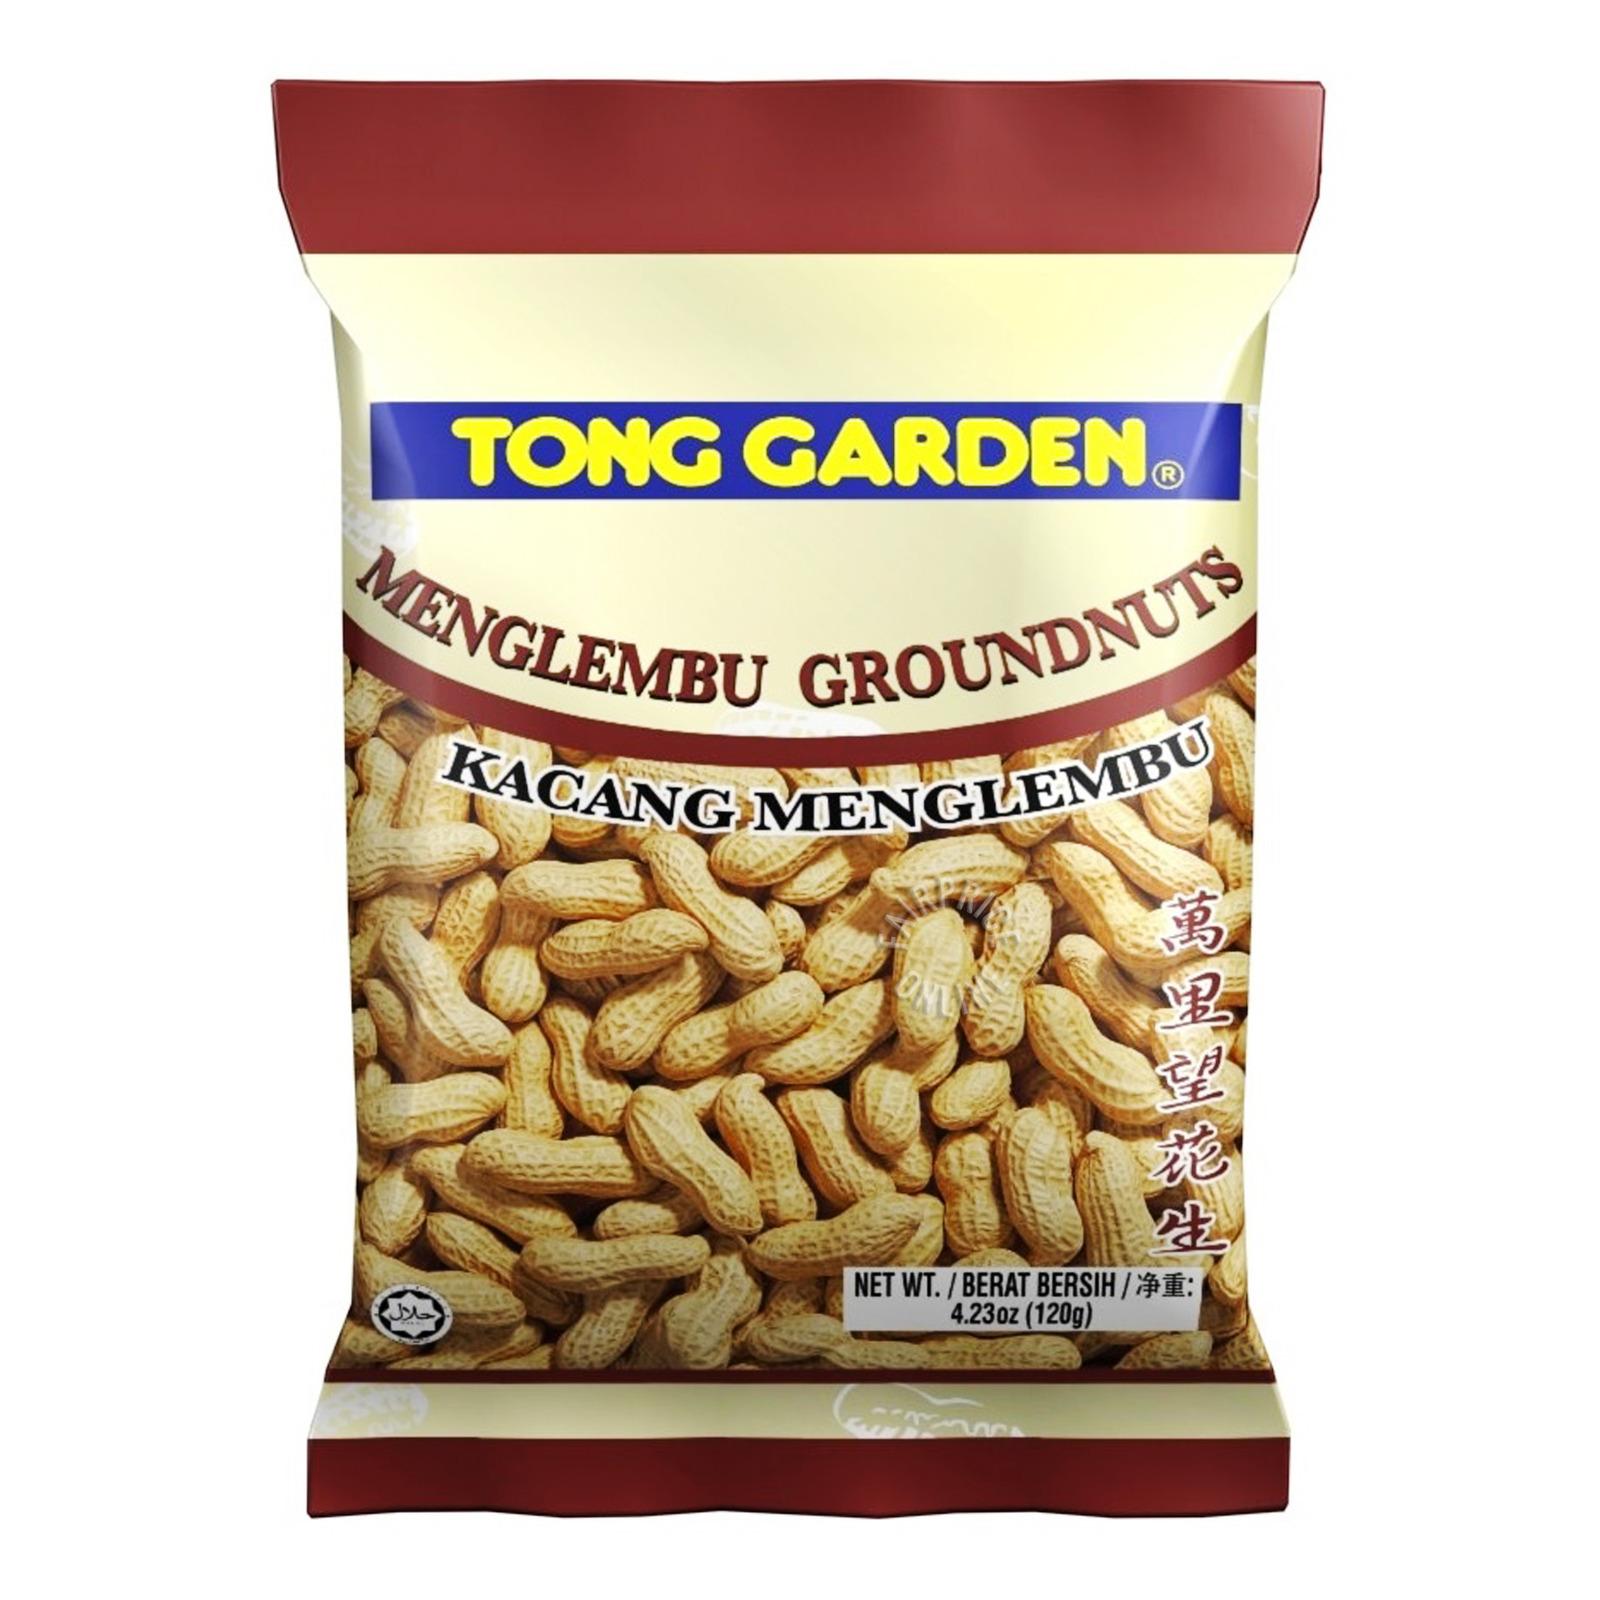 TONG GARDEN Menglembu Groundnuts 120g